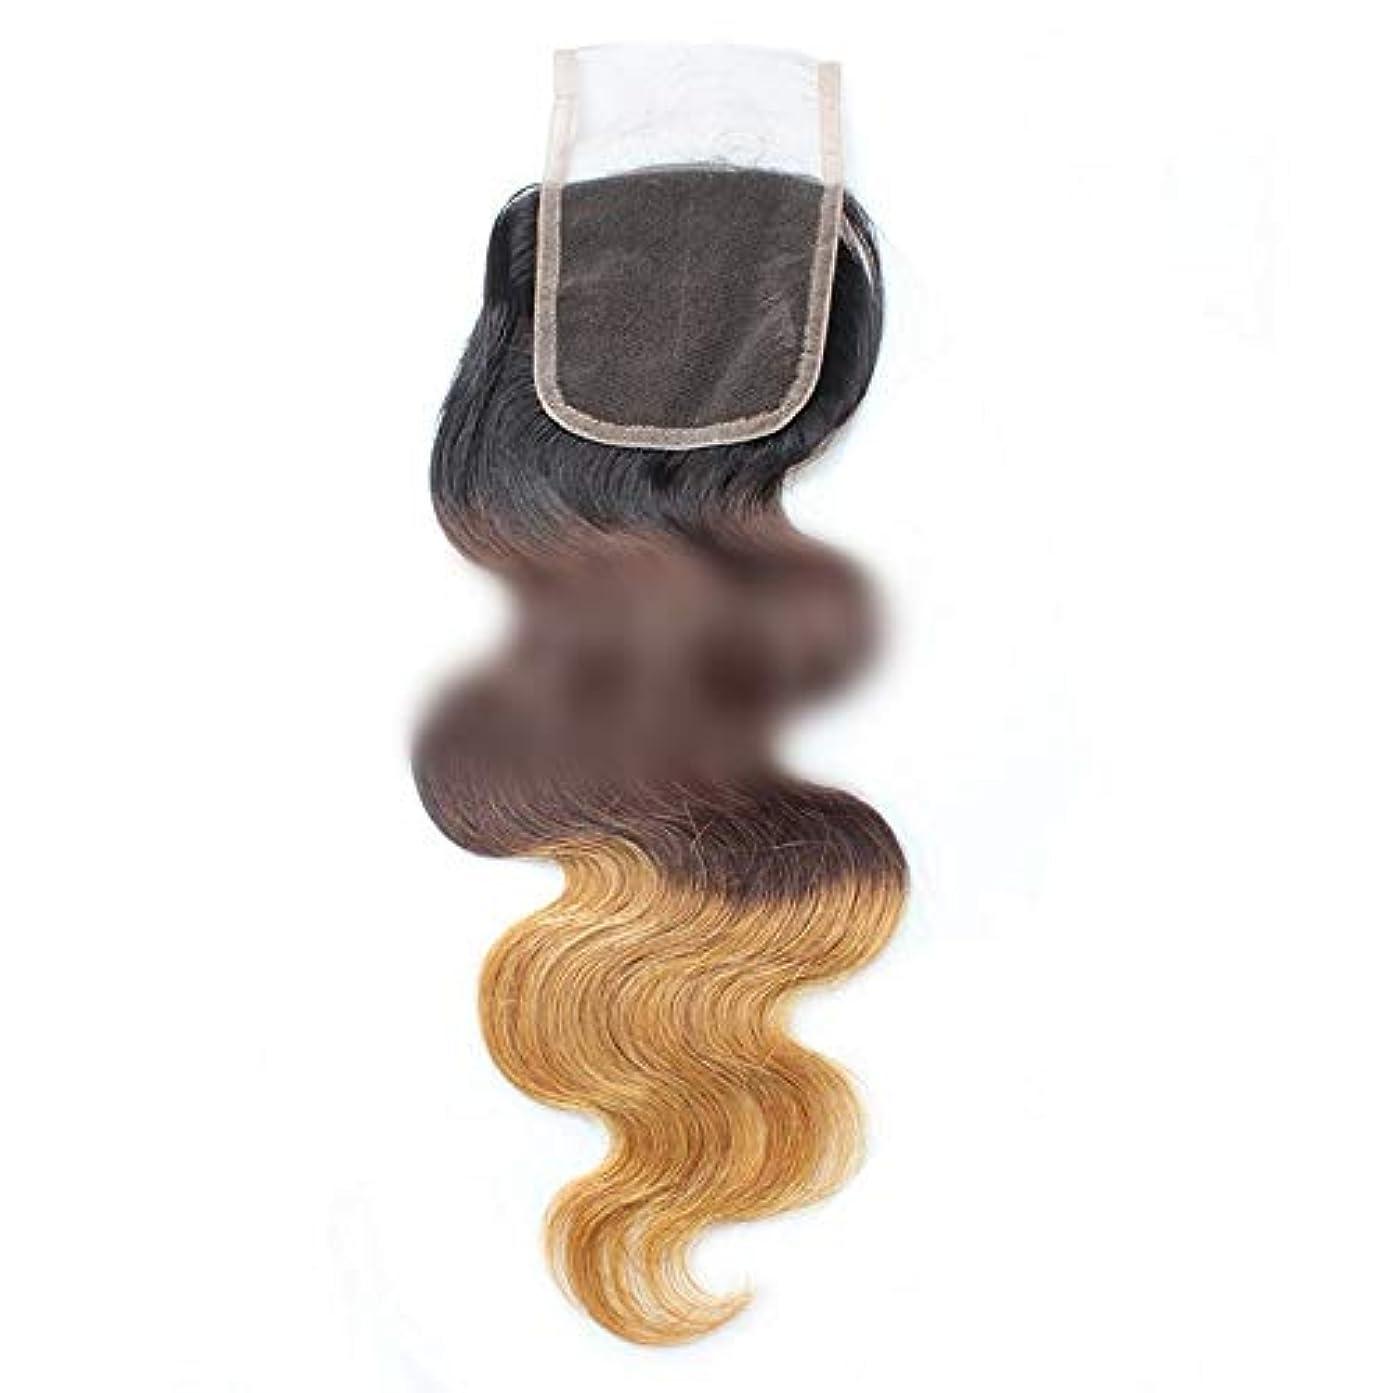 歌手忘れっぽい立証するWASAIO ヘアエクステンションブラジルバンドルボディウェーブ4X4レースフロンタル閉鎖ヒトブラックブラウン3トーンのカラーリングを金髪にします (色 : ブラウン, サイズ : 16 inch)